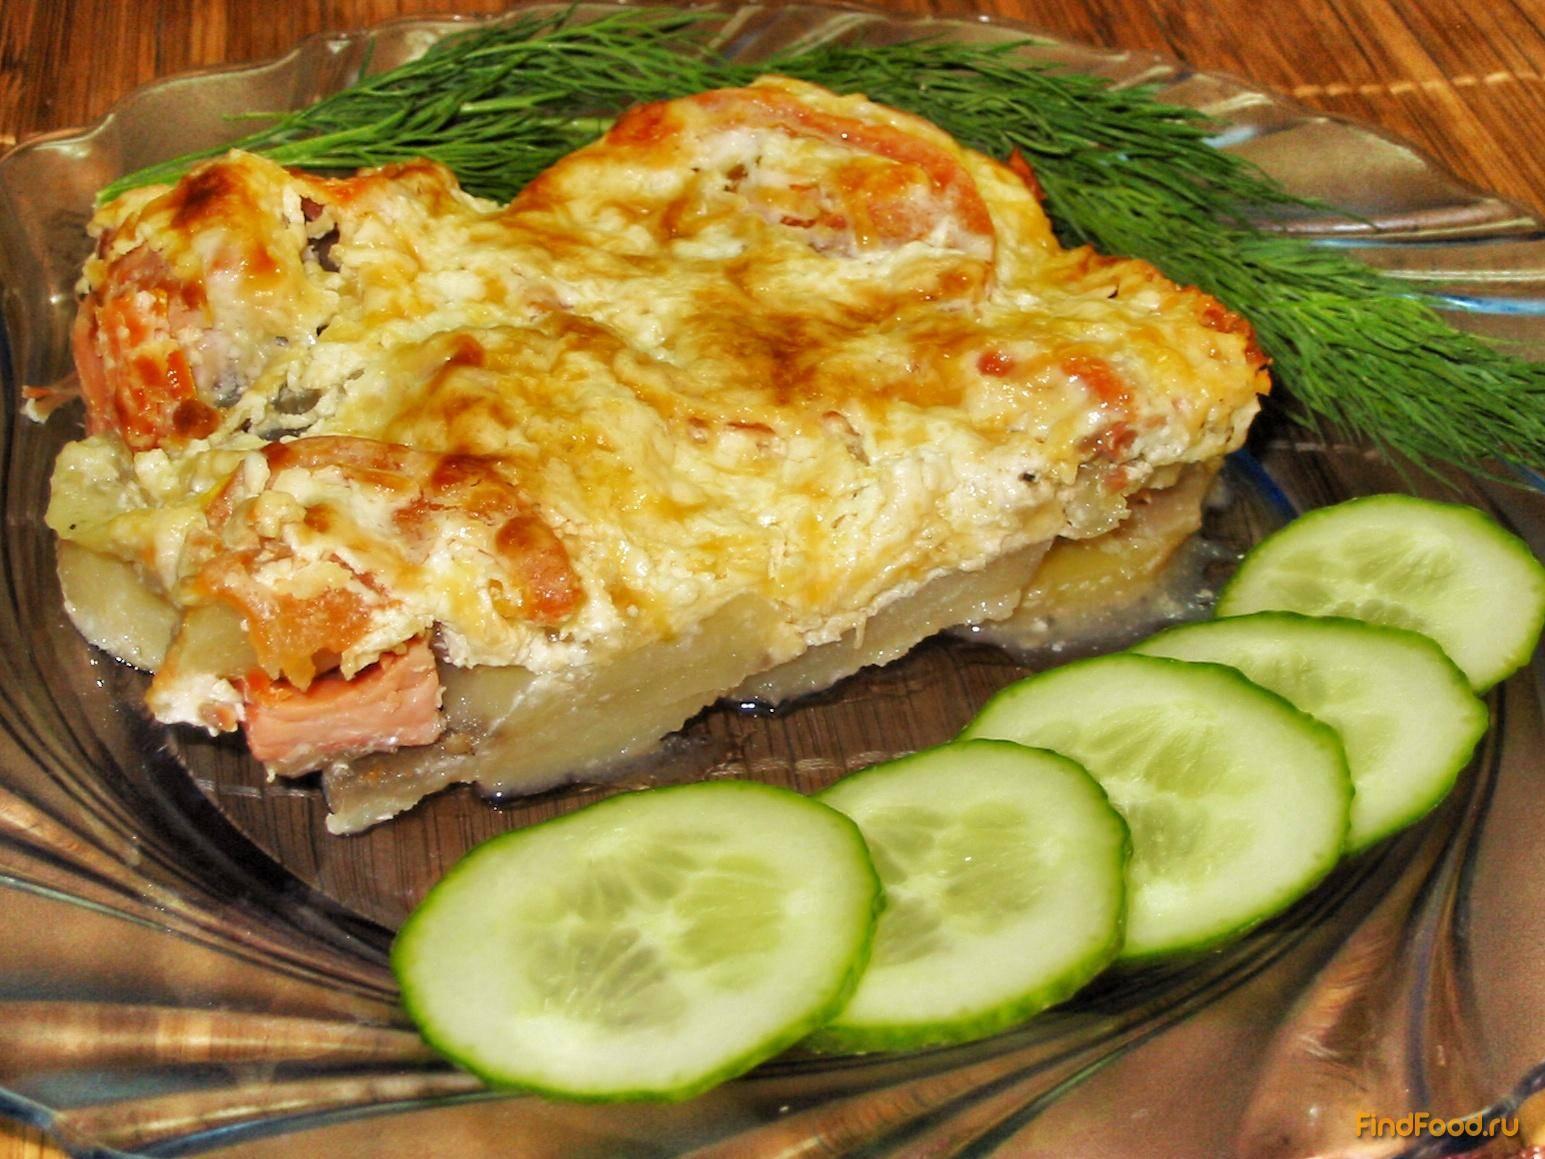 Картофельная запеканка с рыбным фаршем